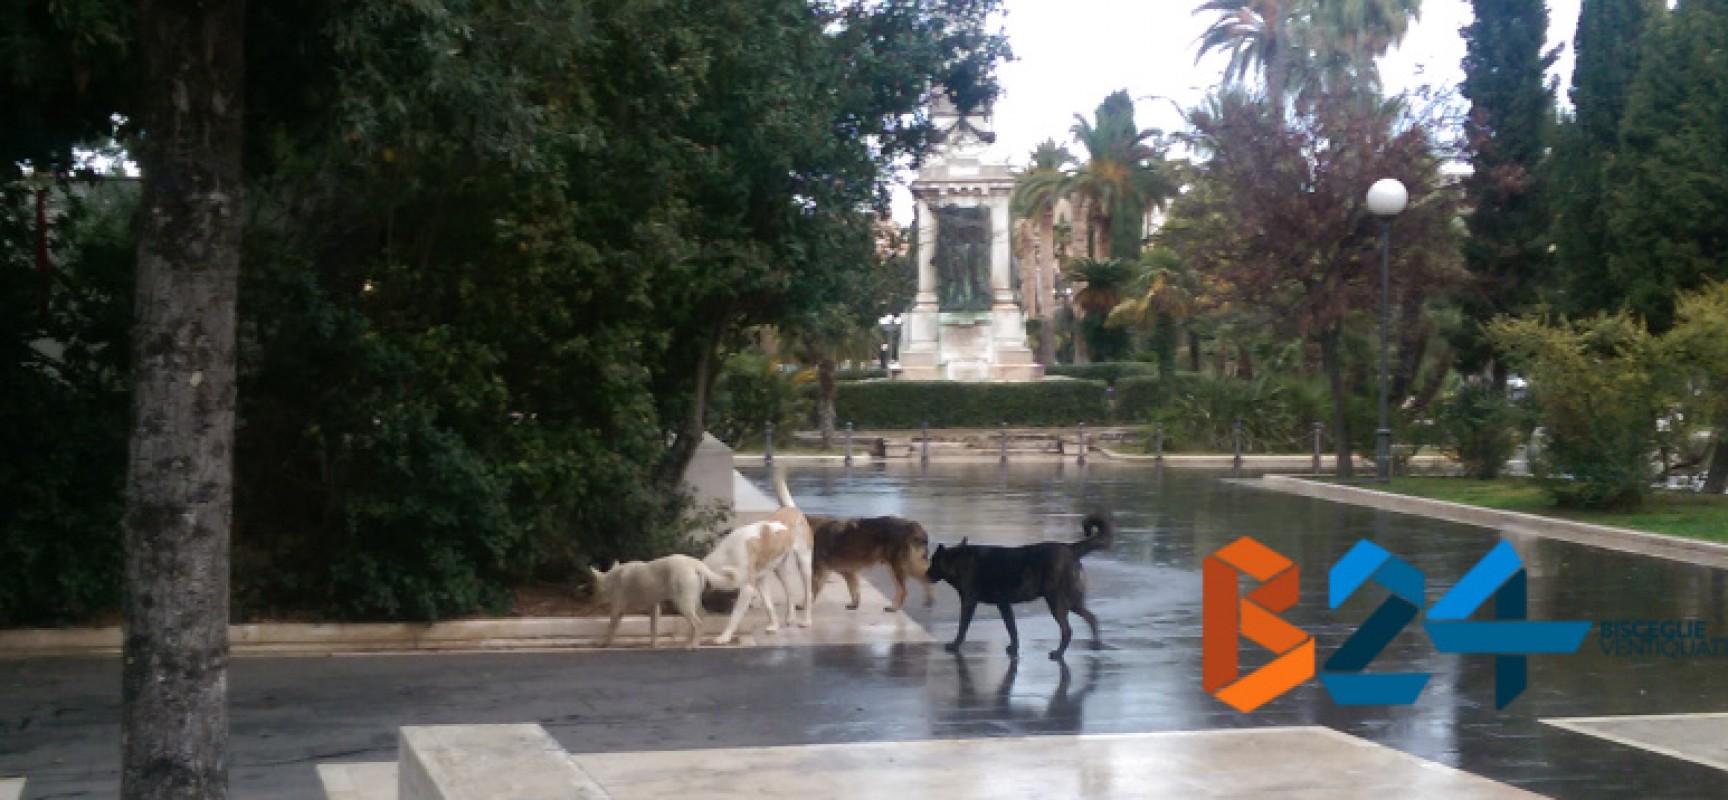 Branco di randagi in piazza Vittorio Emanuele in pieno giorno, le nostre domande all'Asl